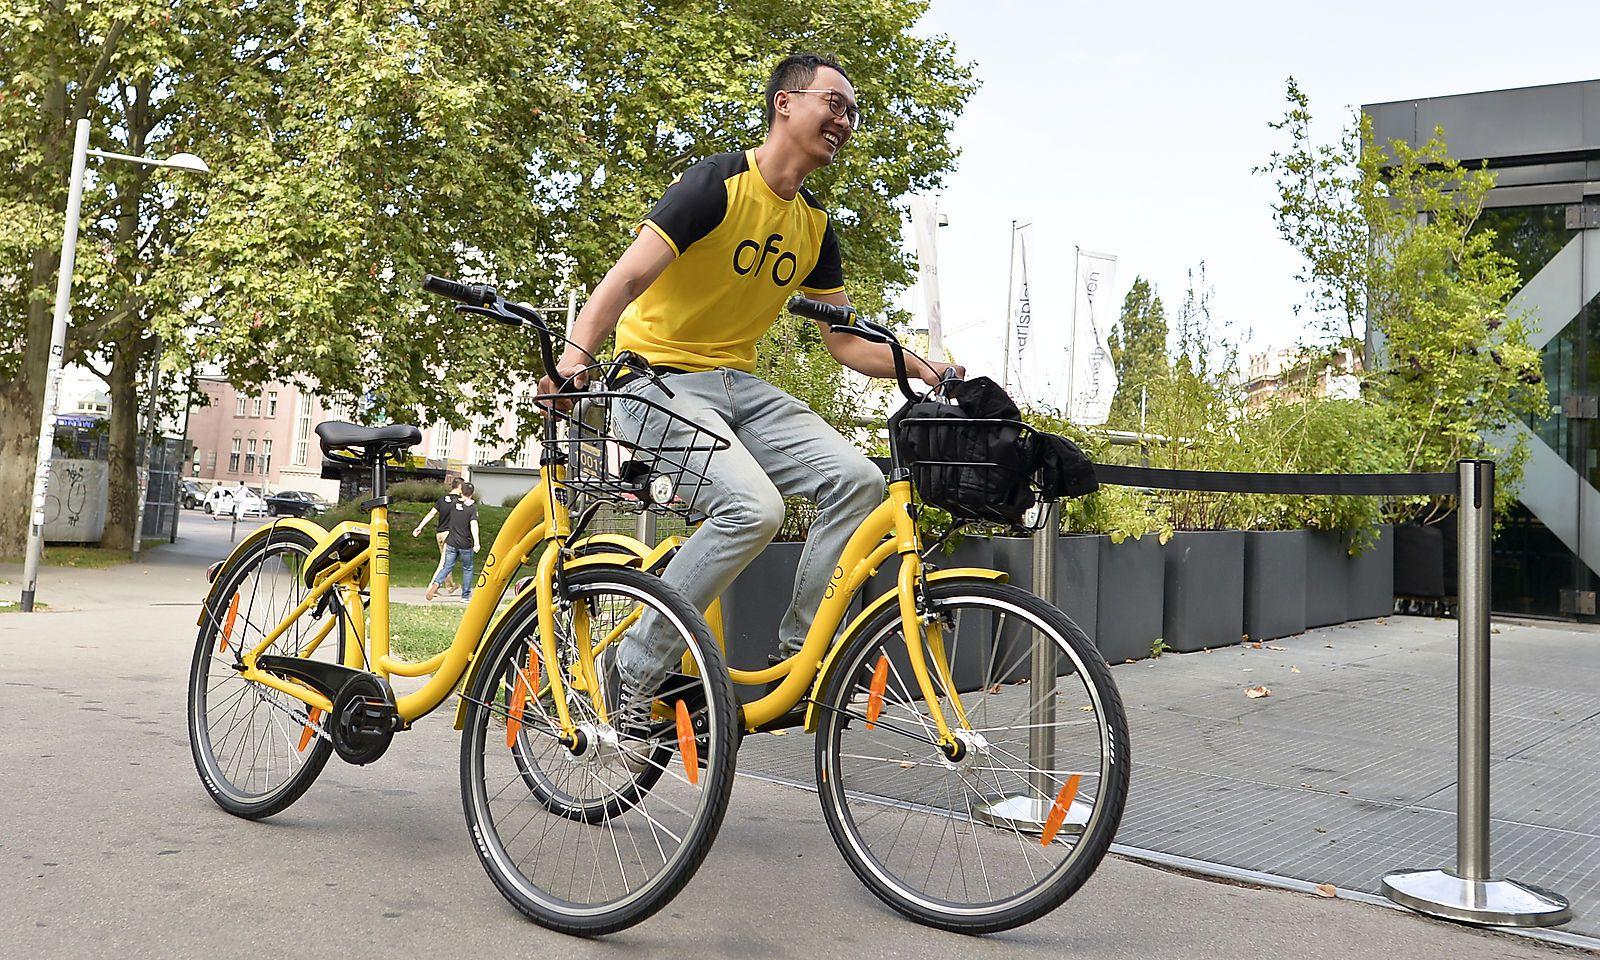 Zunächst 200 Leihräder im Gratis-Testbetrieb